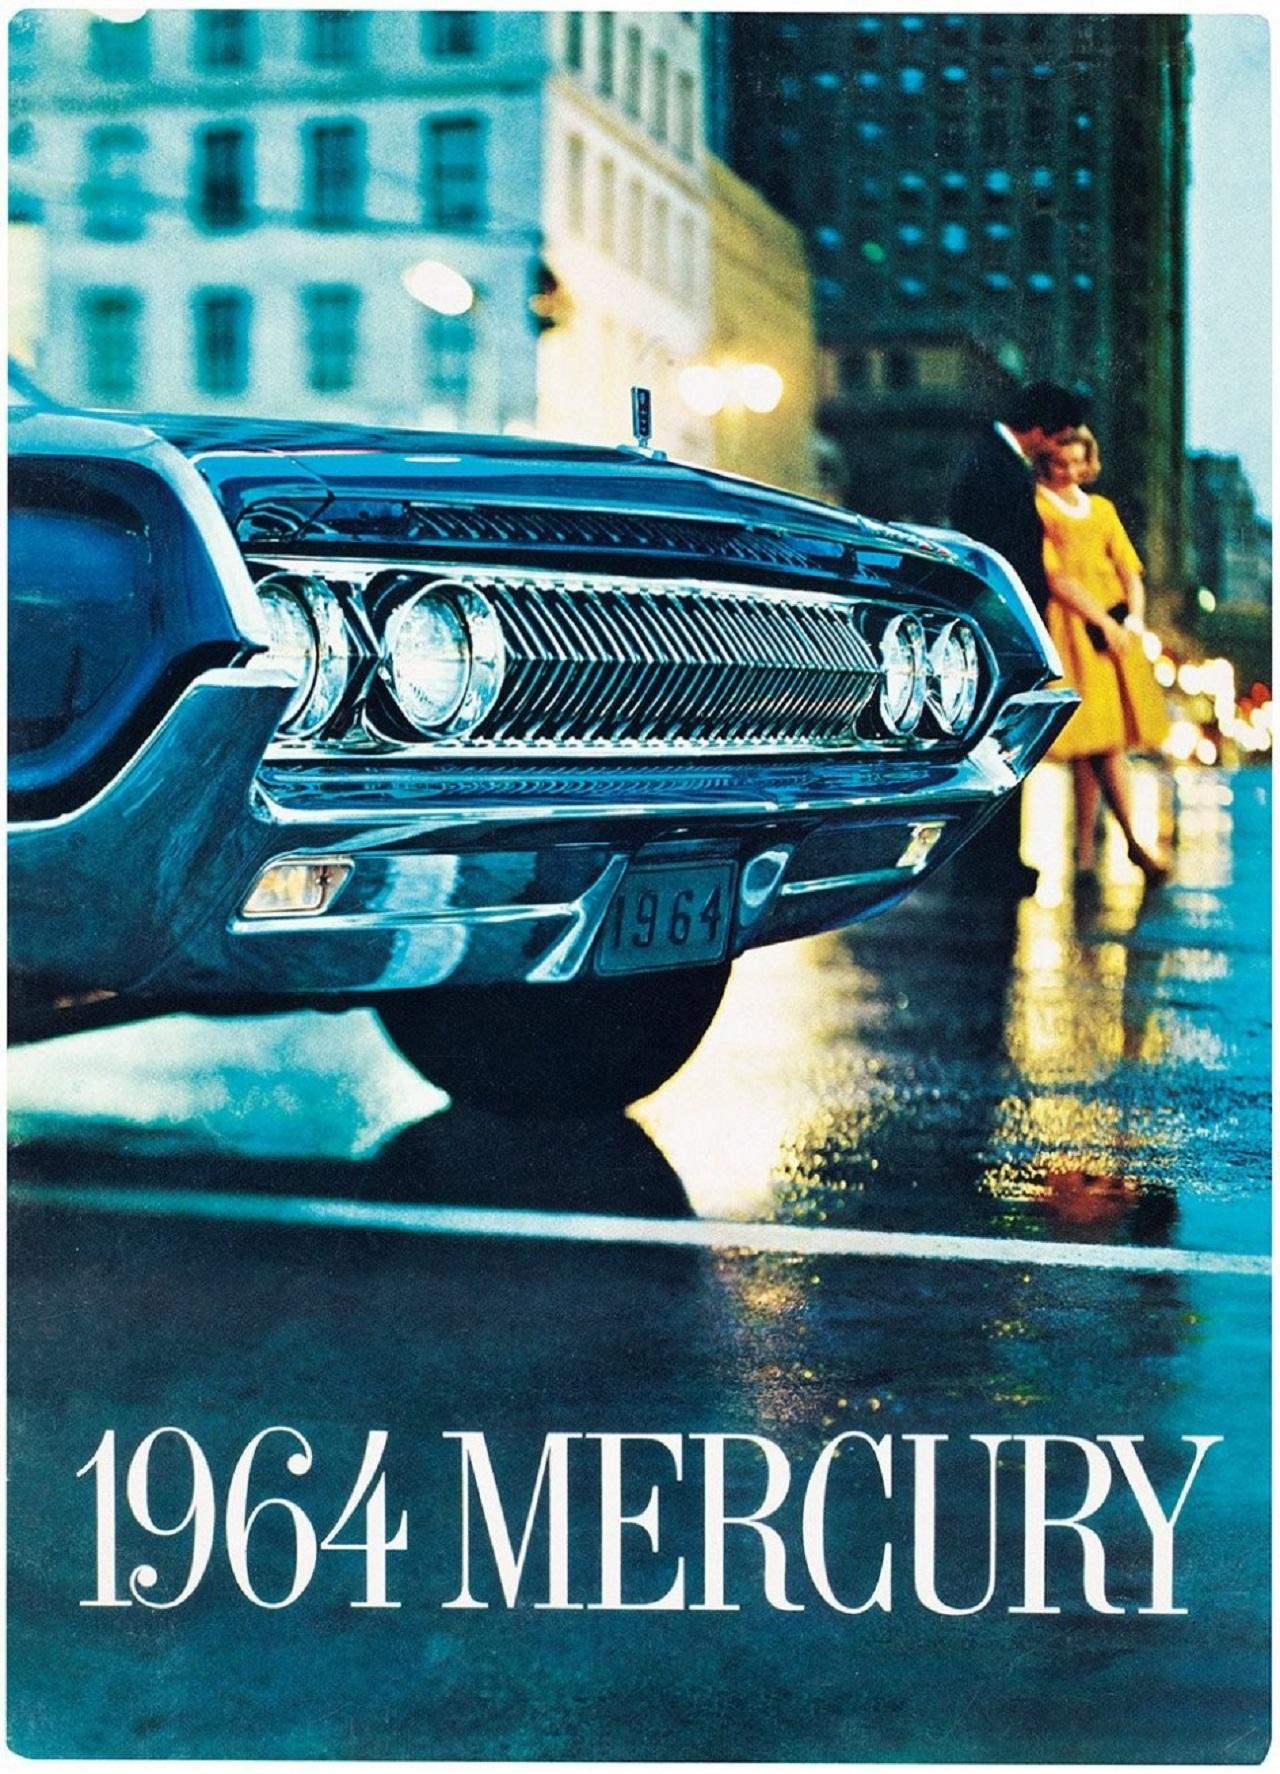 mercury, 1964